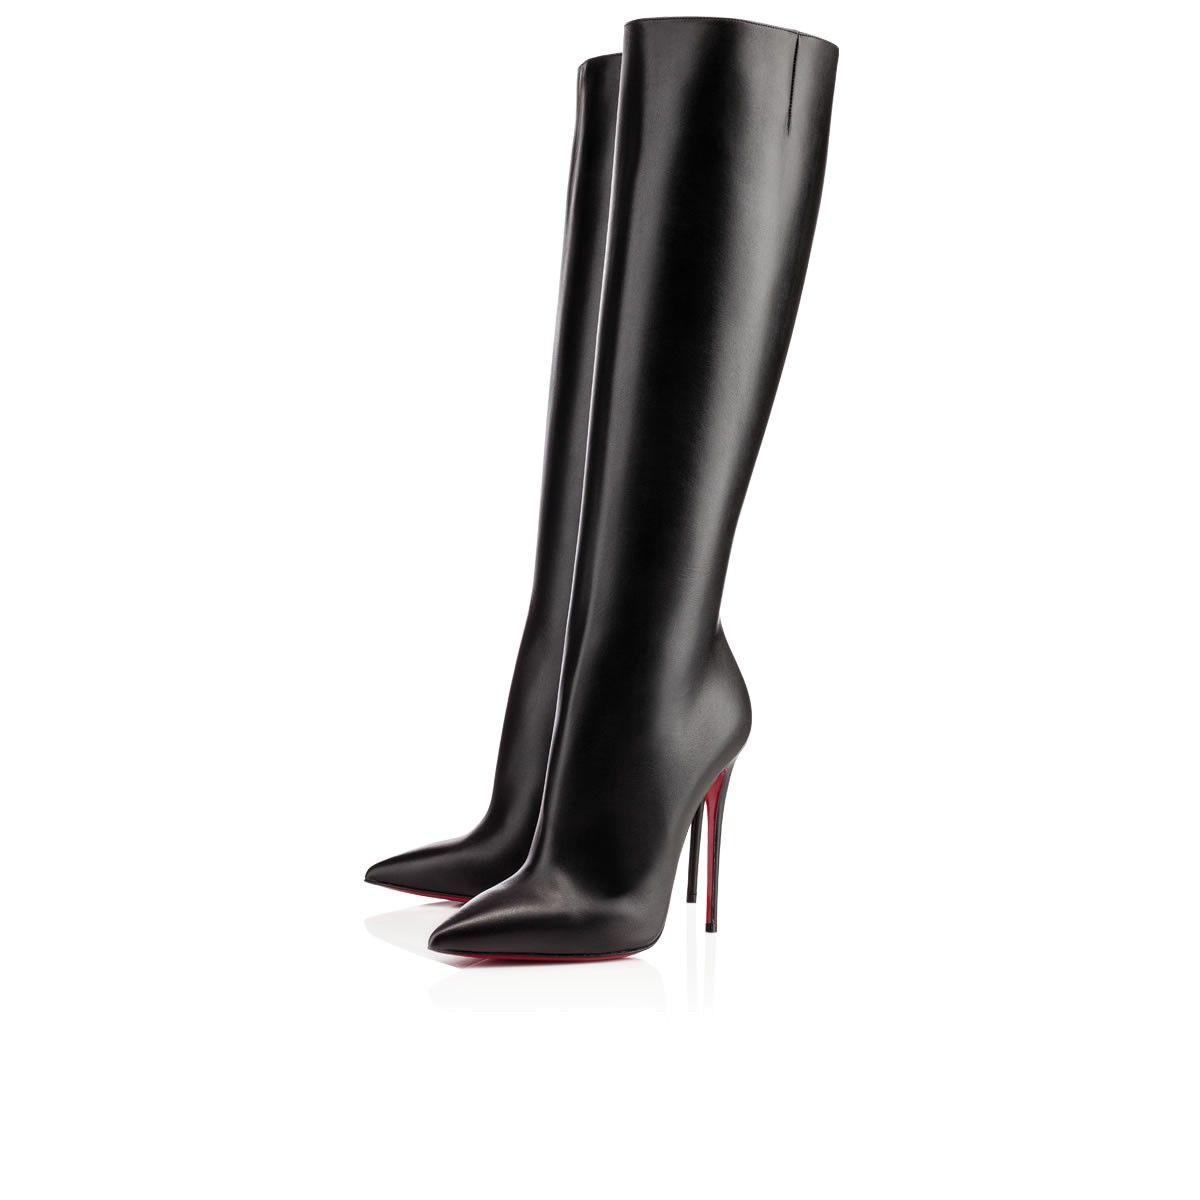 1396605b216 Tournoi 120mm Black Leather $1695 | Christian Louboutin Boots ...